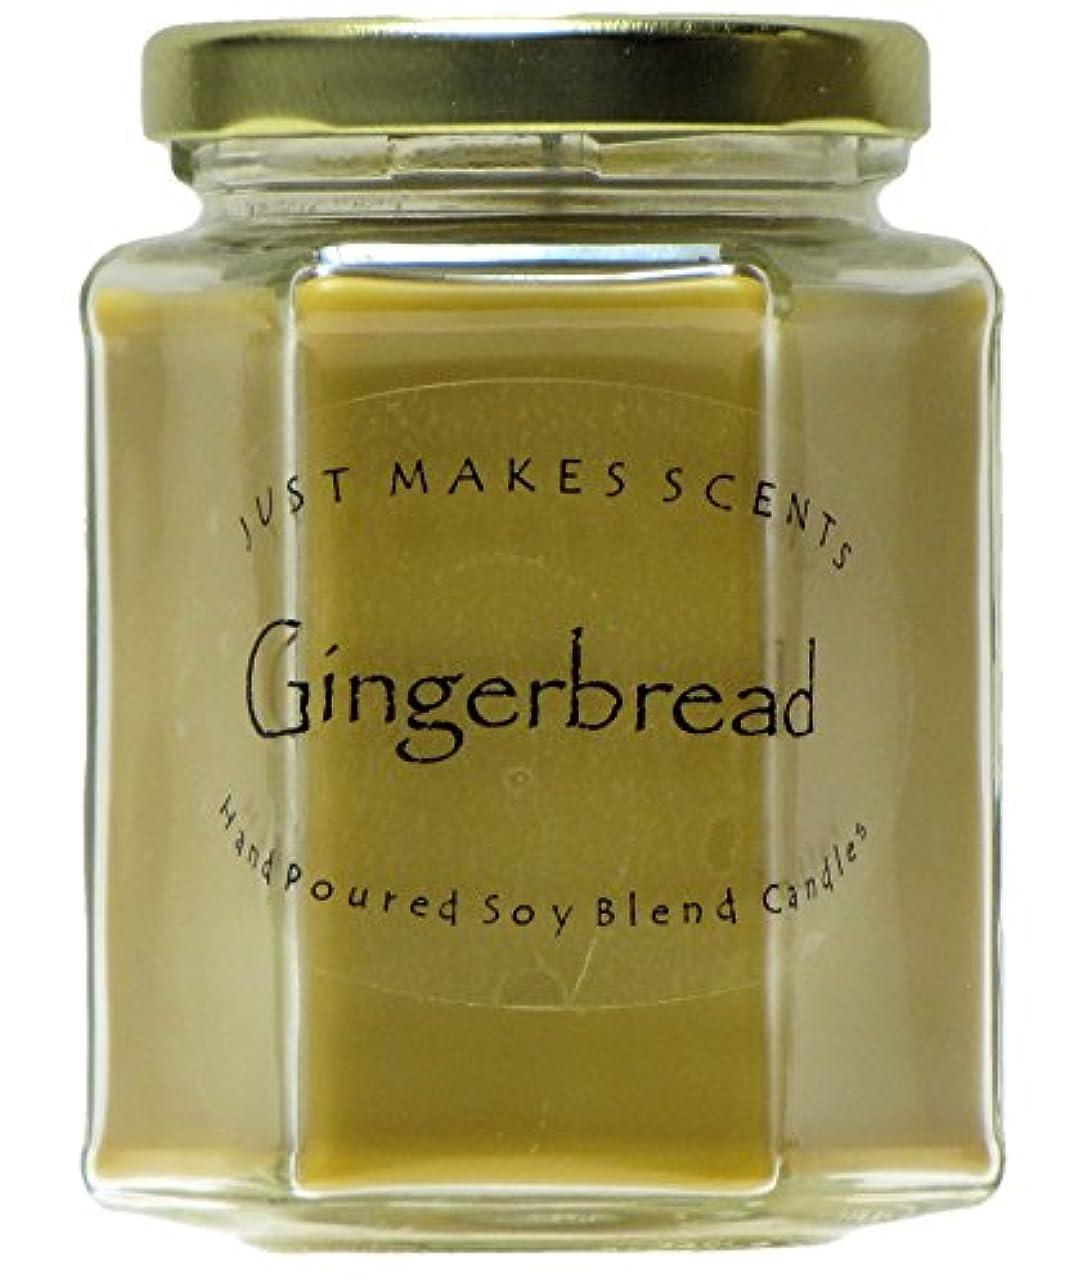 シュリンク驚いた光沢のあるGingerbread香りつきBlended Soy Candle by Just Makes Scents